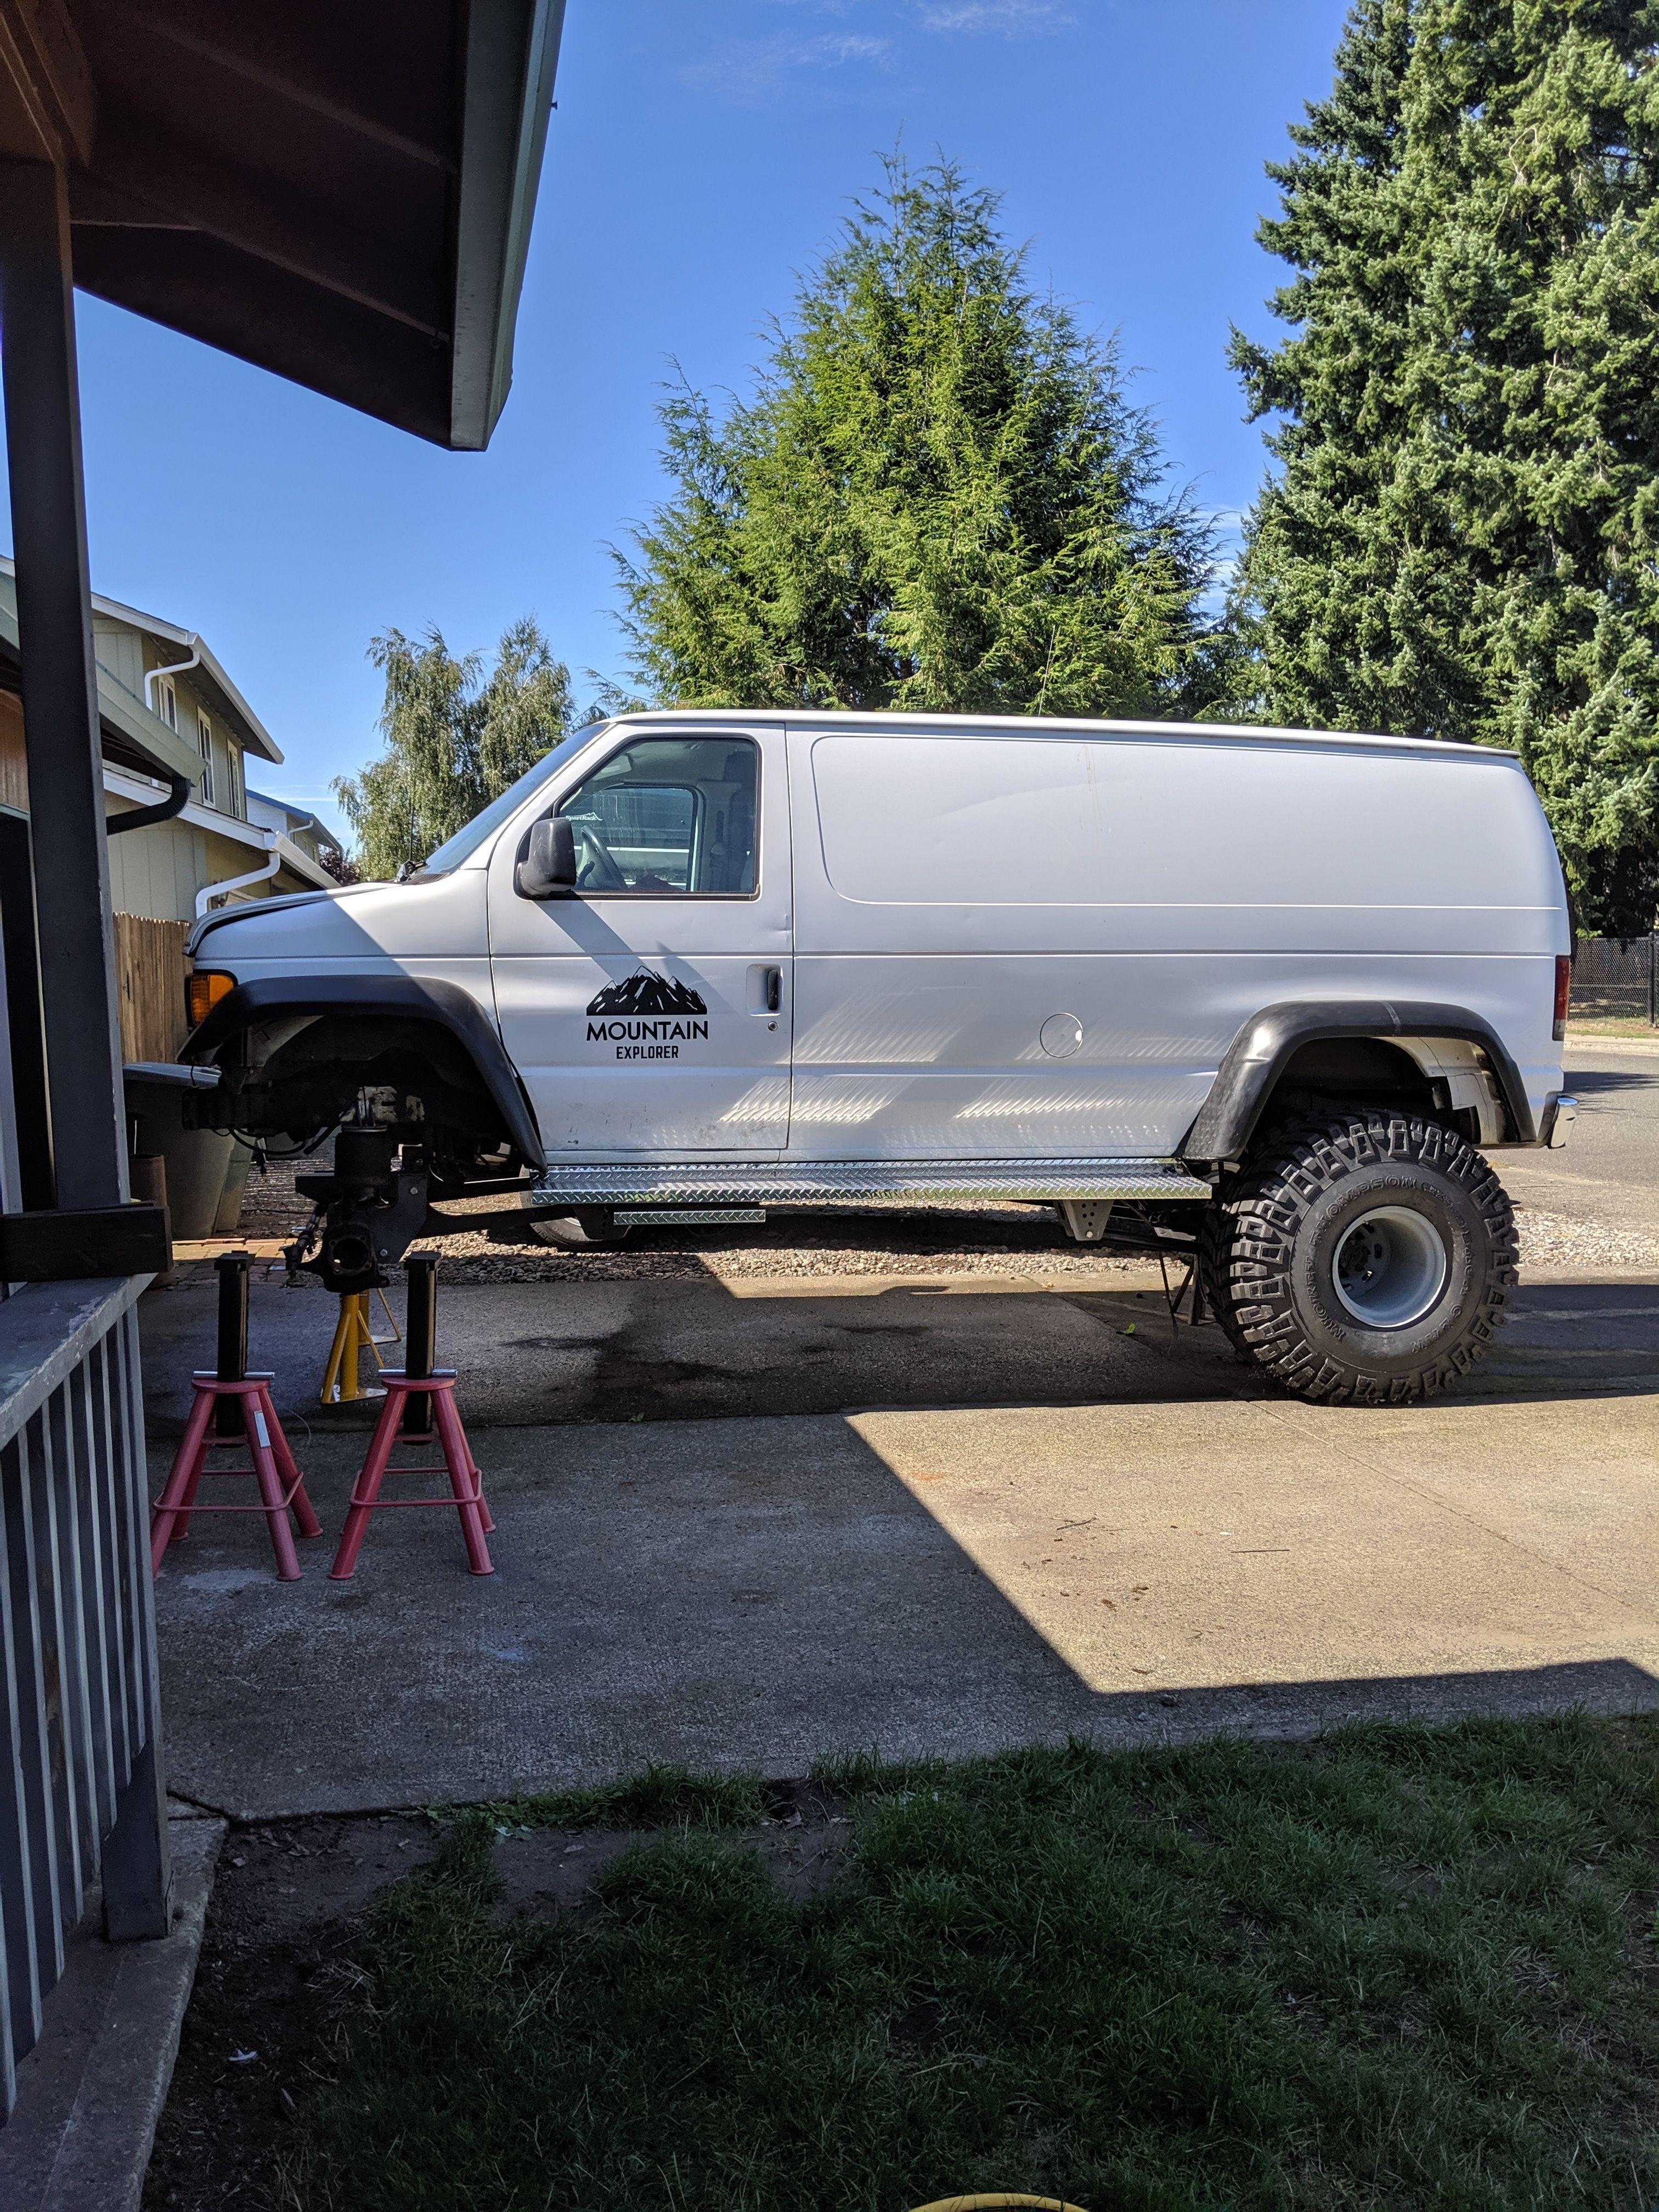 Pin By Thunders Garage On 4x4 Awd Vans 4x4 Car Vans